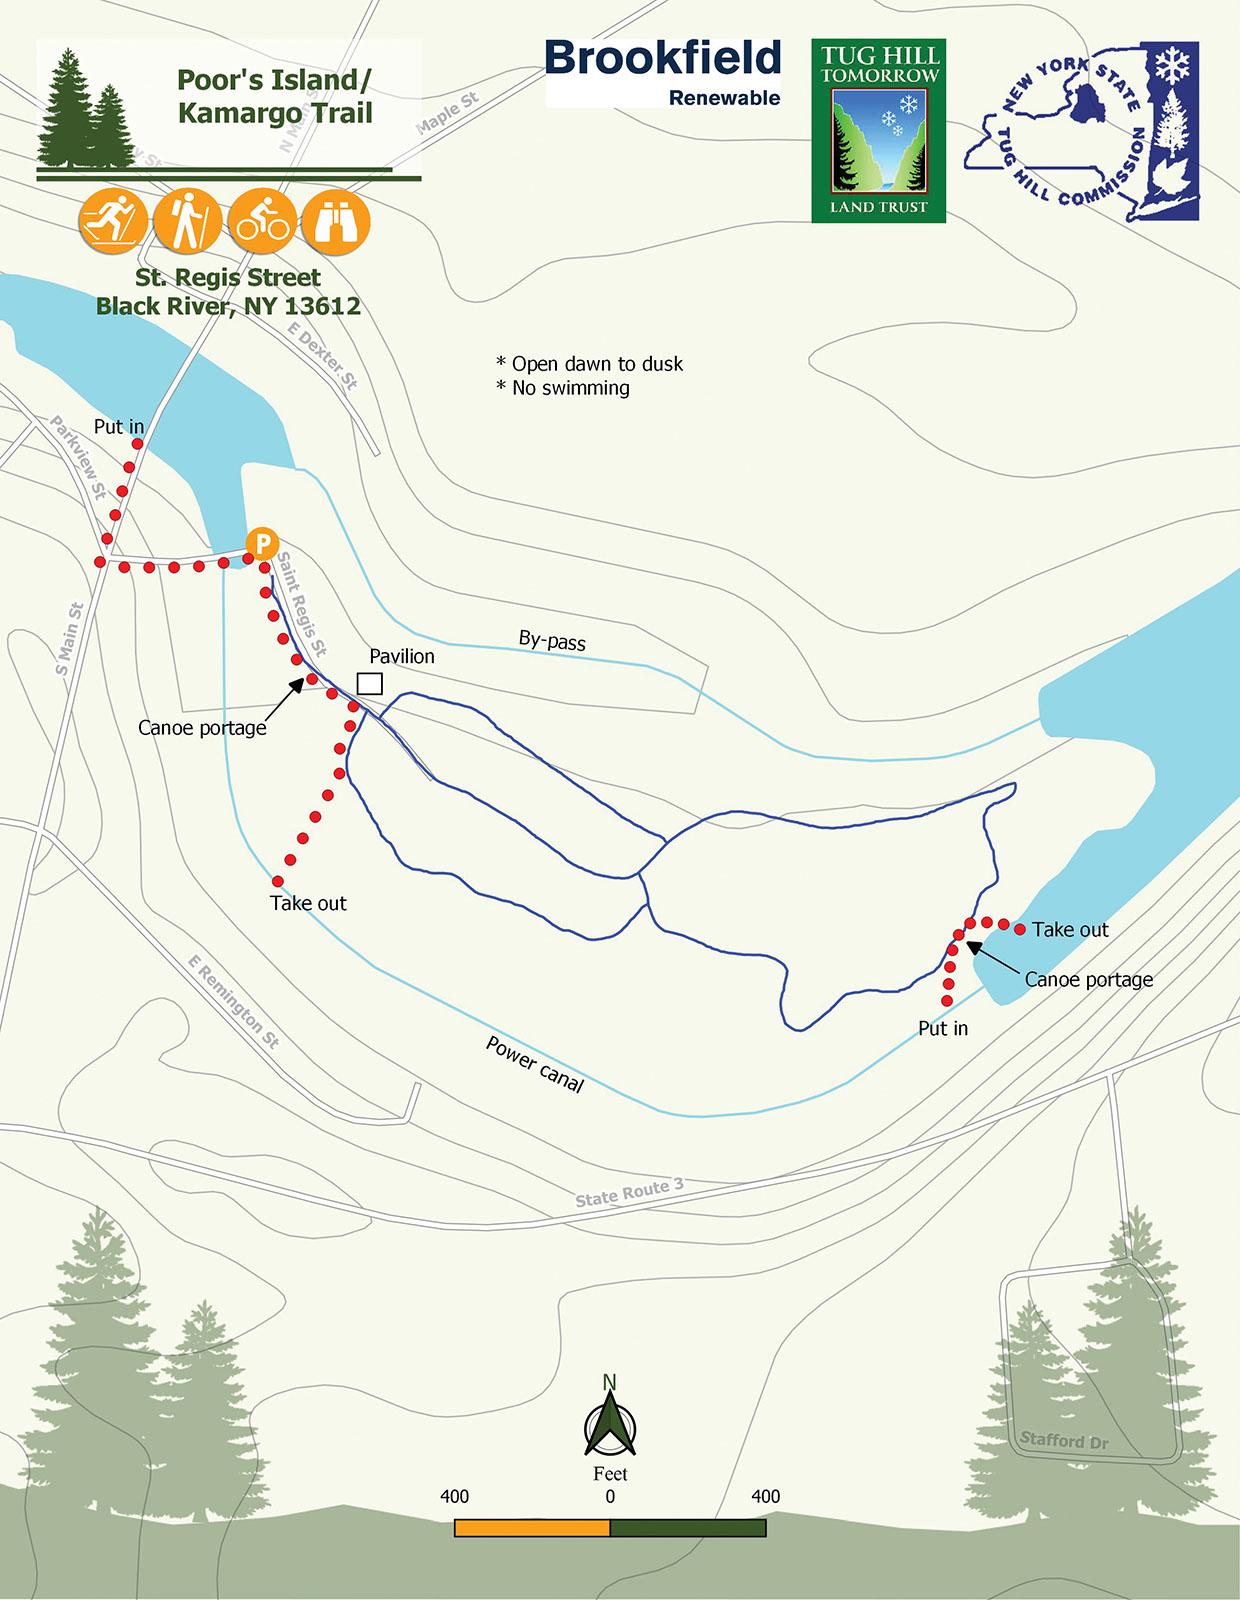 Kamargo Trail/Poors Island Trail Map